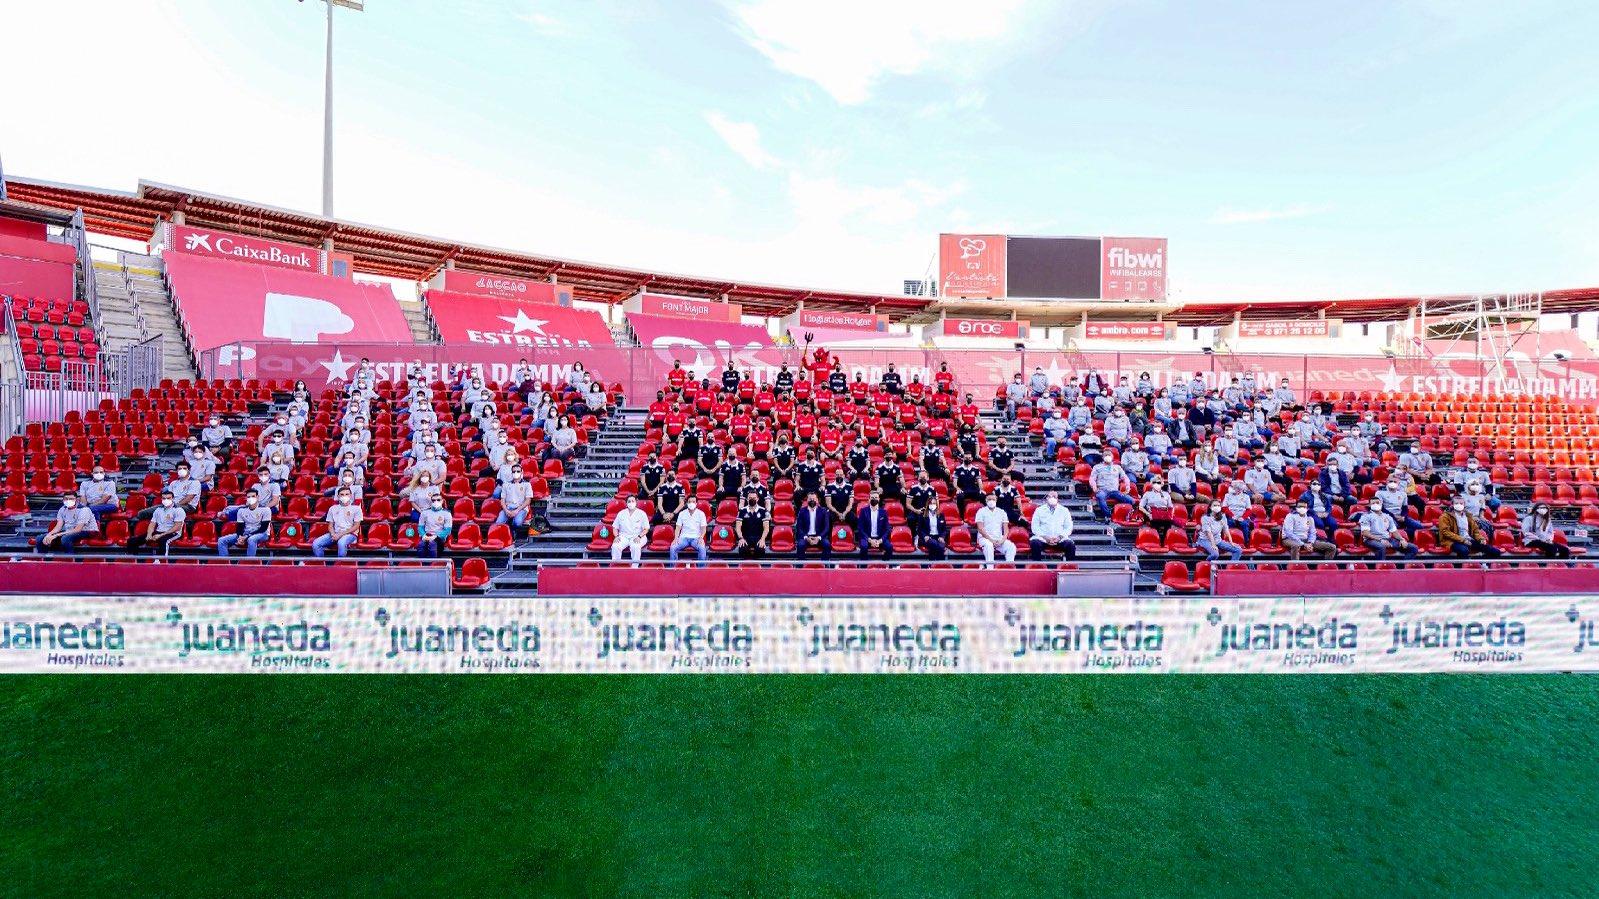 El+Mallorca+es+fa+la+foto+oficial+de+la+temporada+al+costat+de+100+aficionats+a+Son+Moix